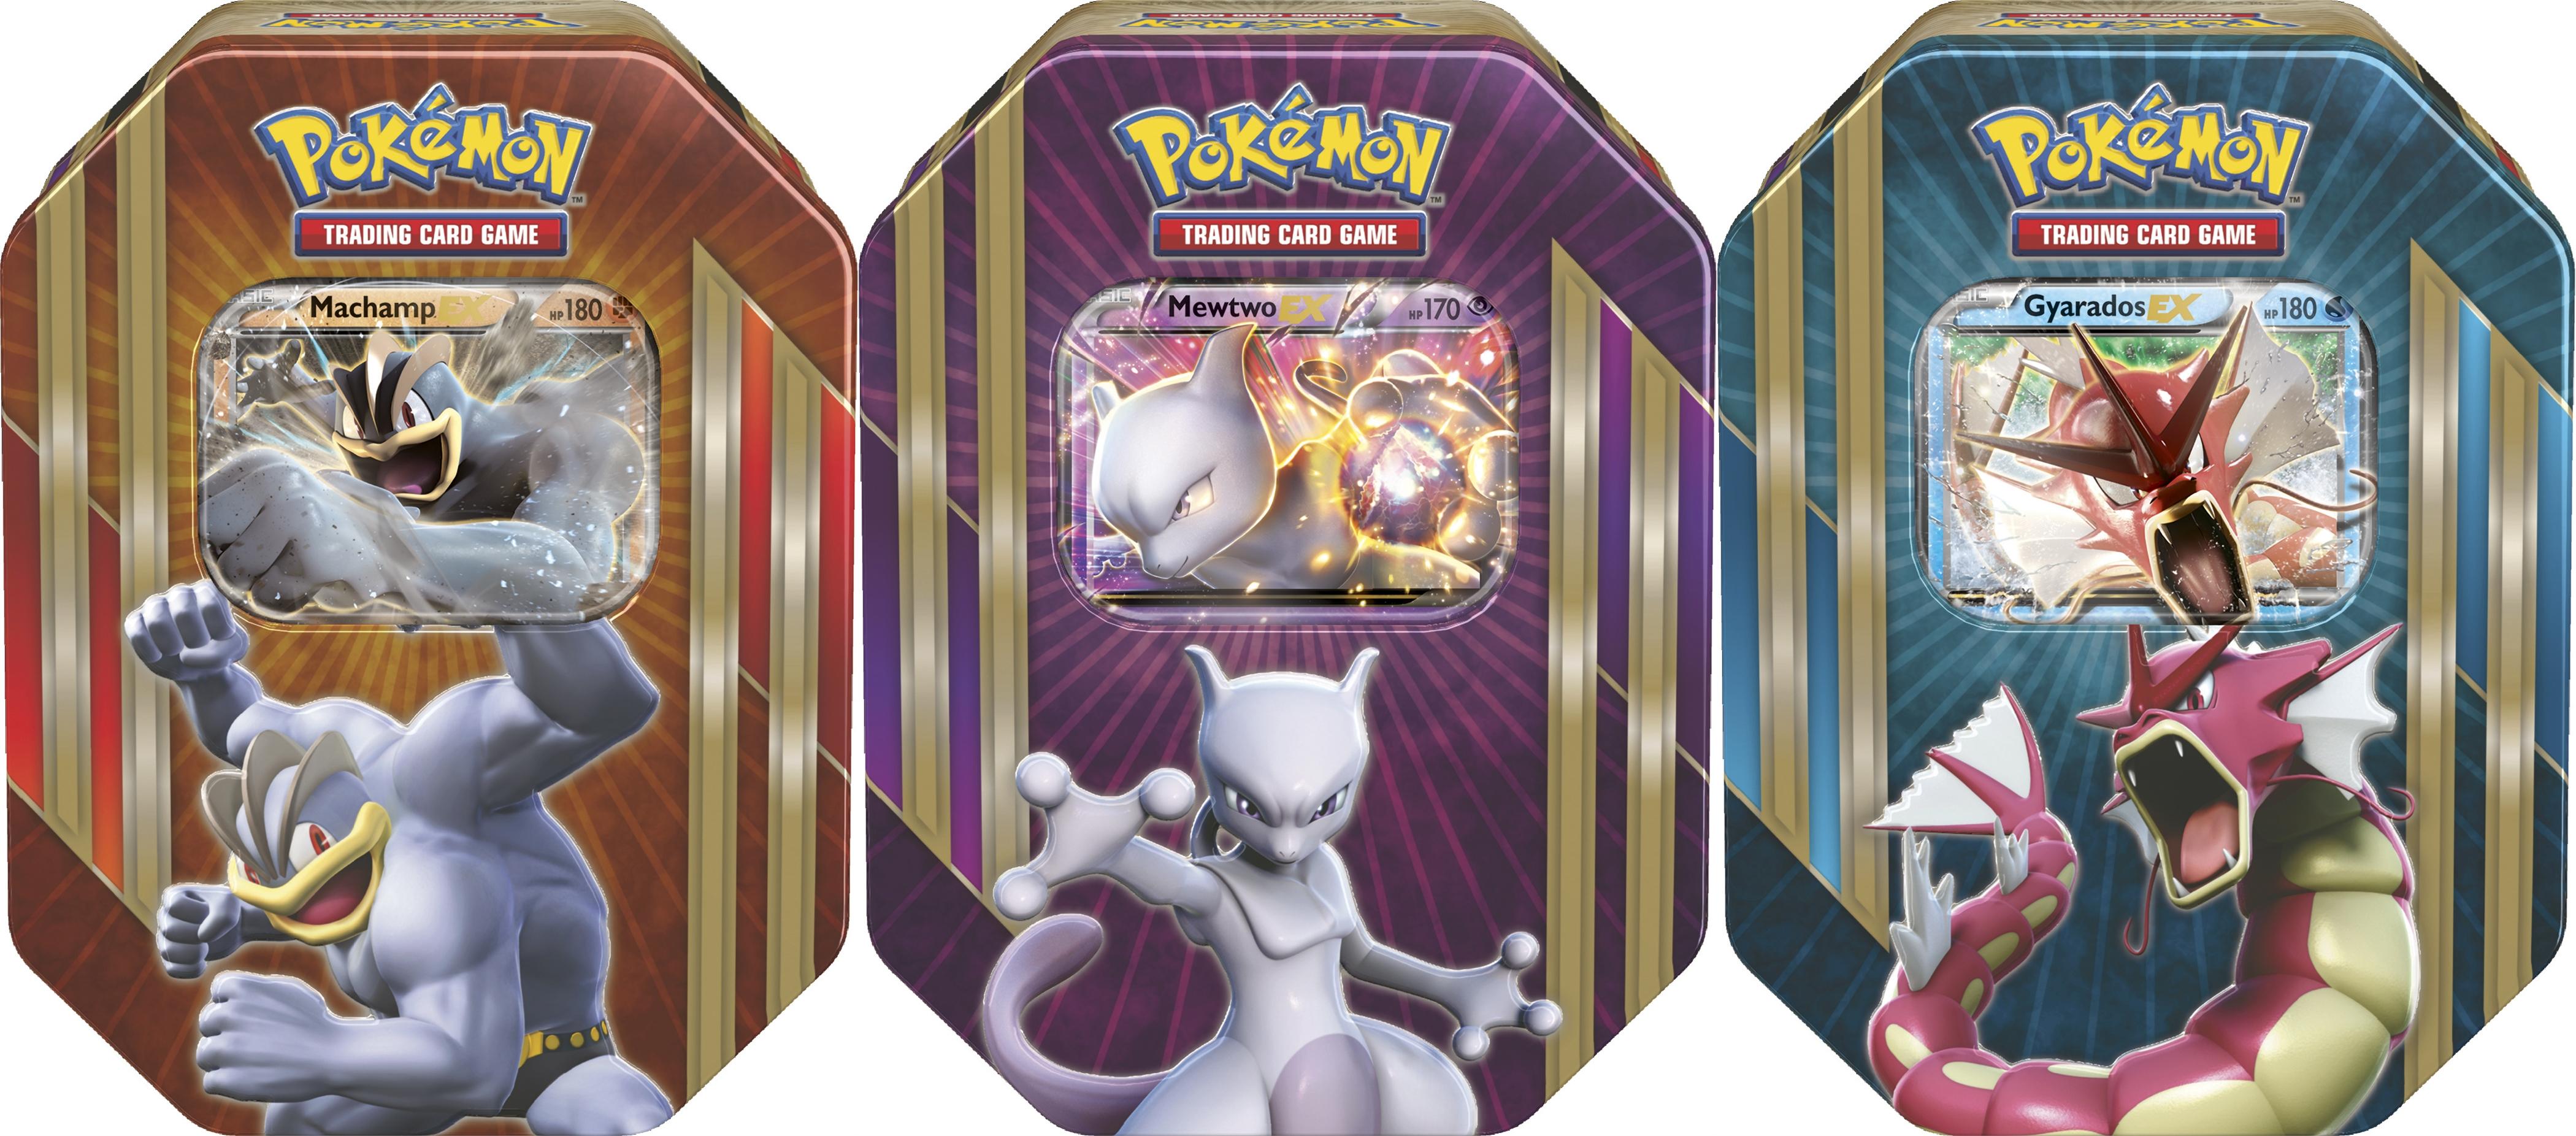 Pokemon Triple Power Tin set of 3 - Mewtwo EX, Machamp EX